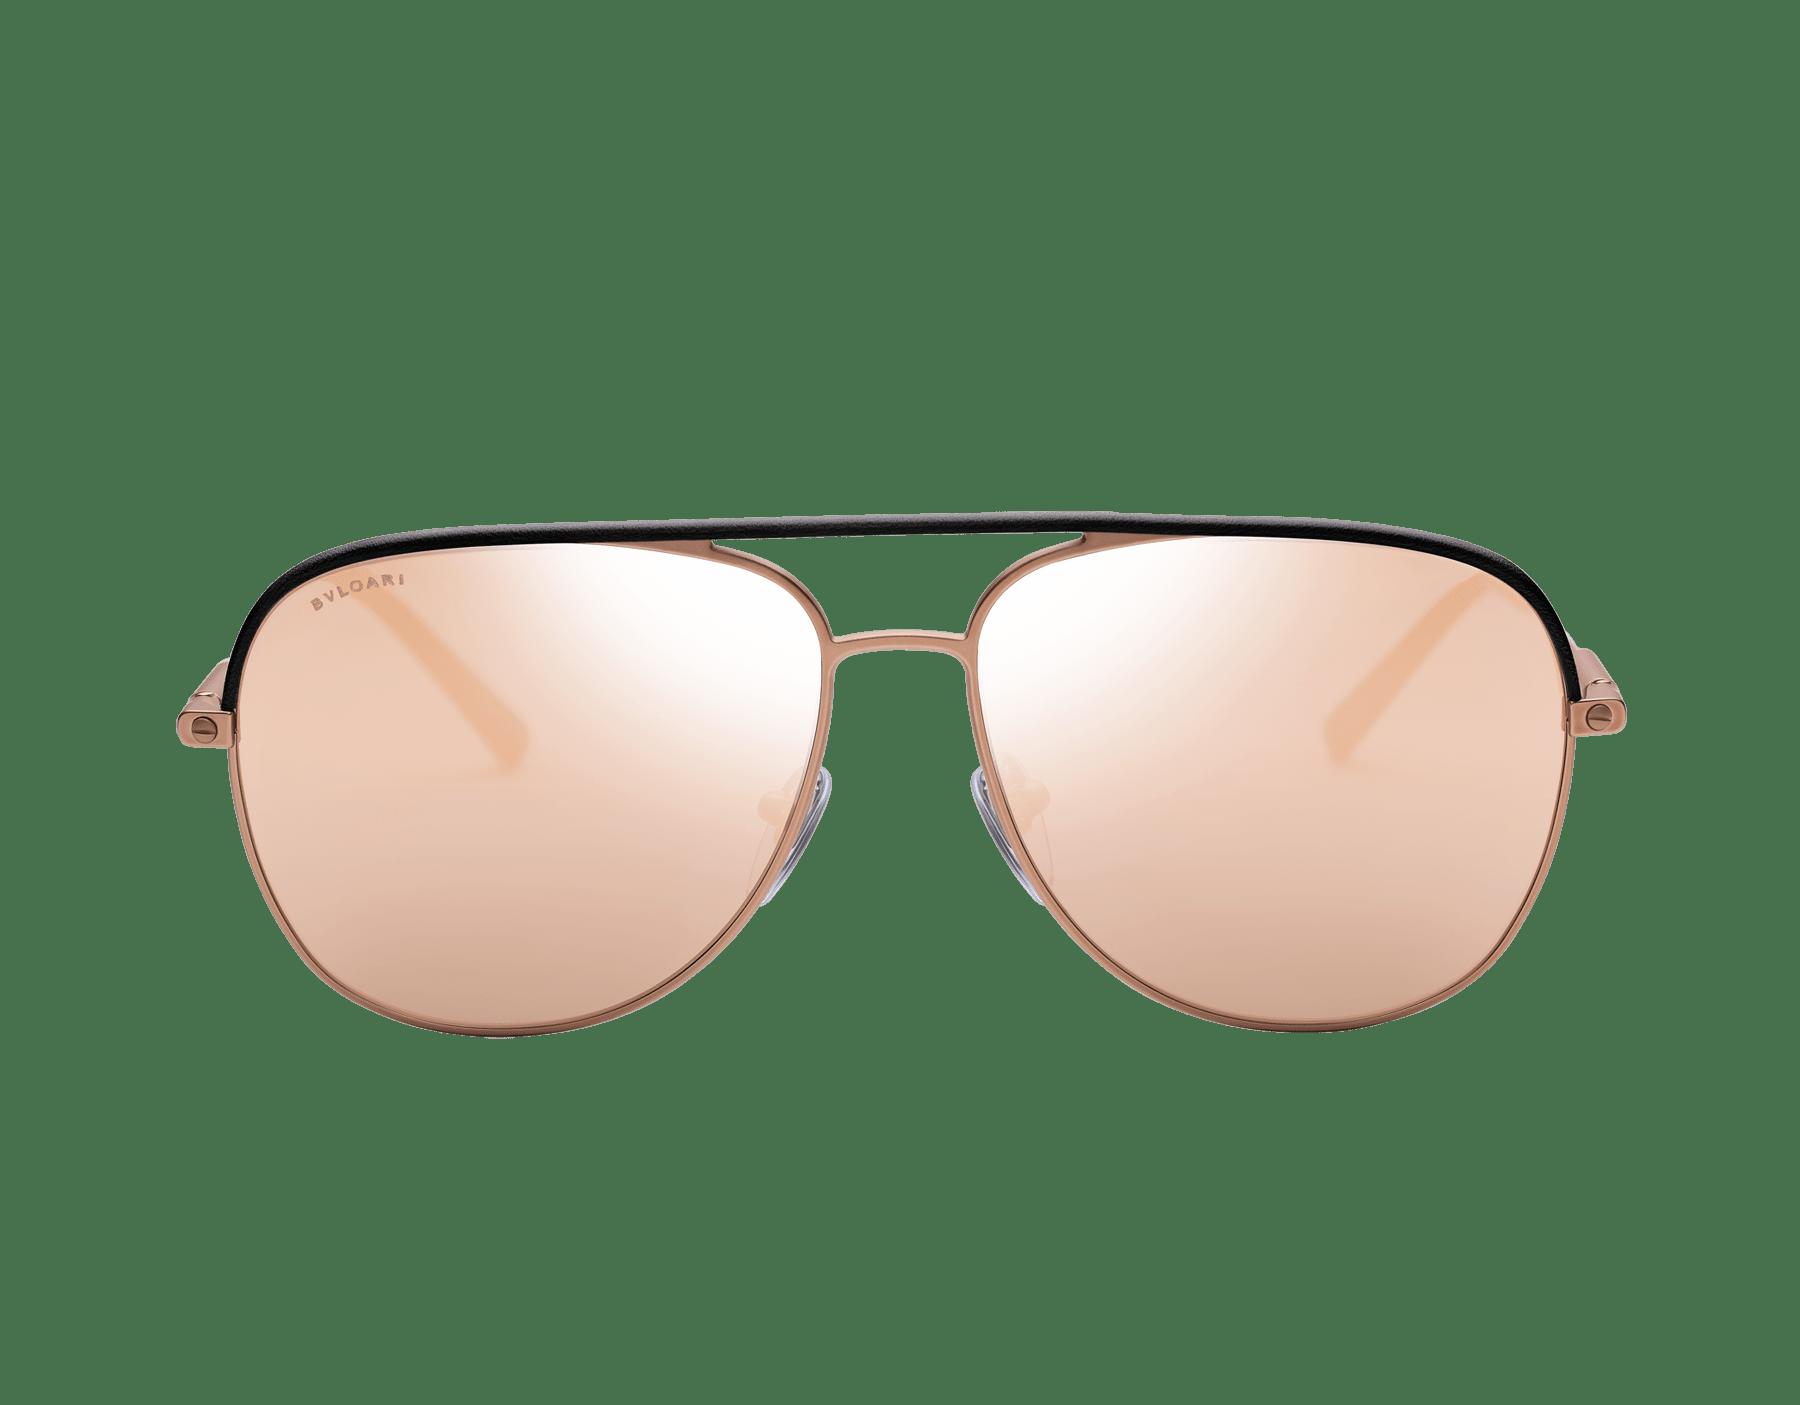 Óculos de sol Bvlgari Diagono com formato aviador em metal com inserções de couro. 903673 image 2